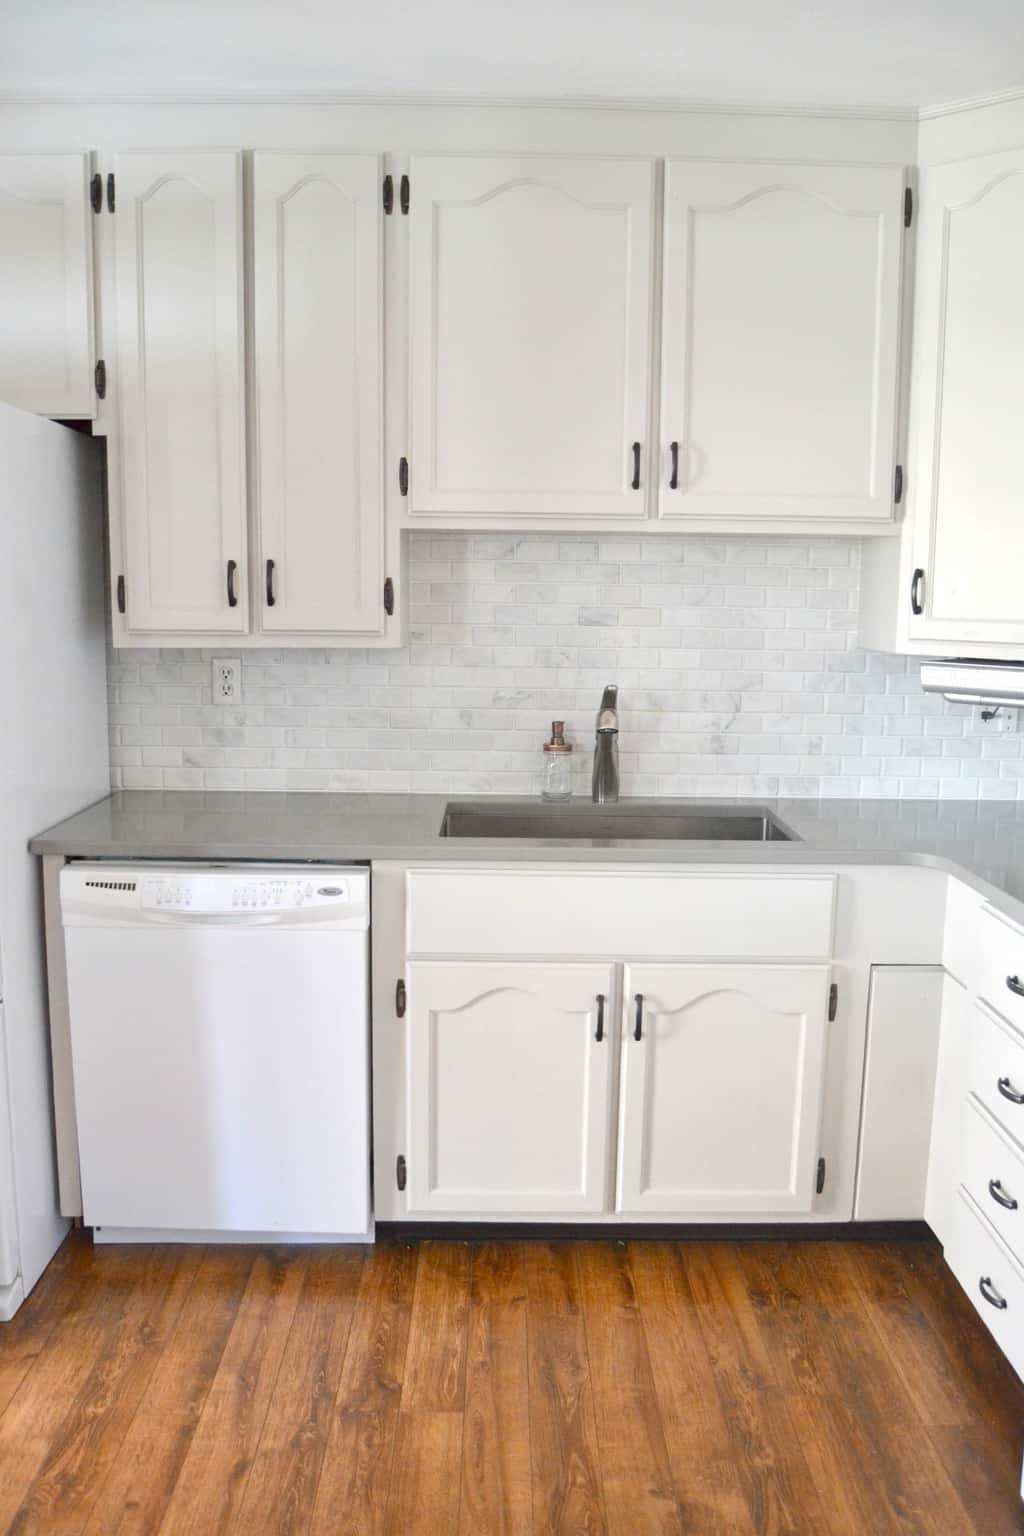 kitchen makeover diy stone tile backplash stone backsplash kitchen Check out this Kitchen Makeover